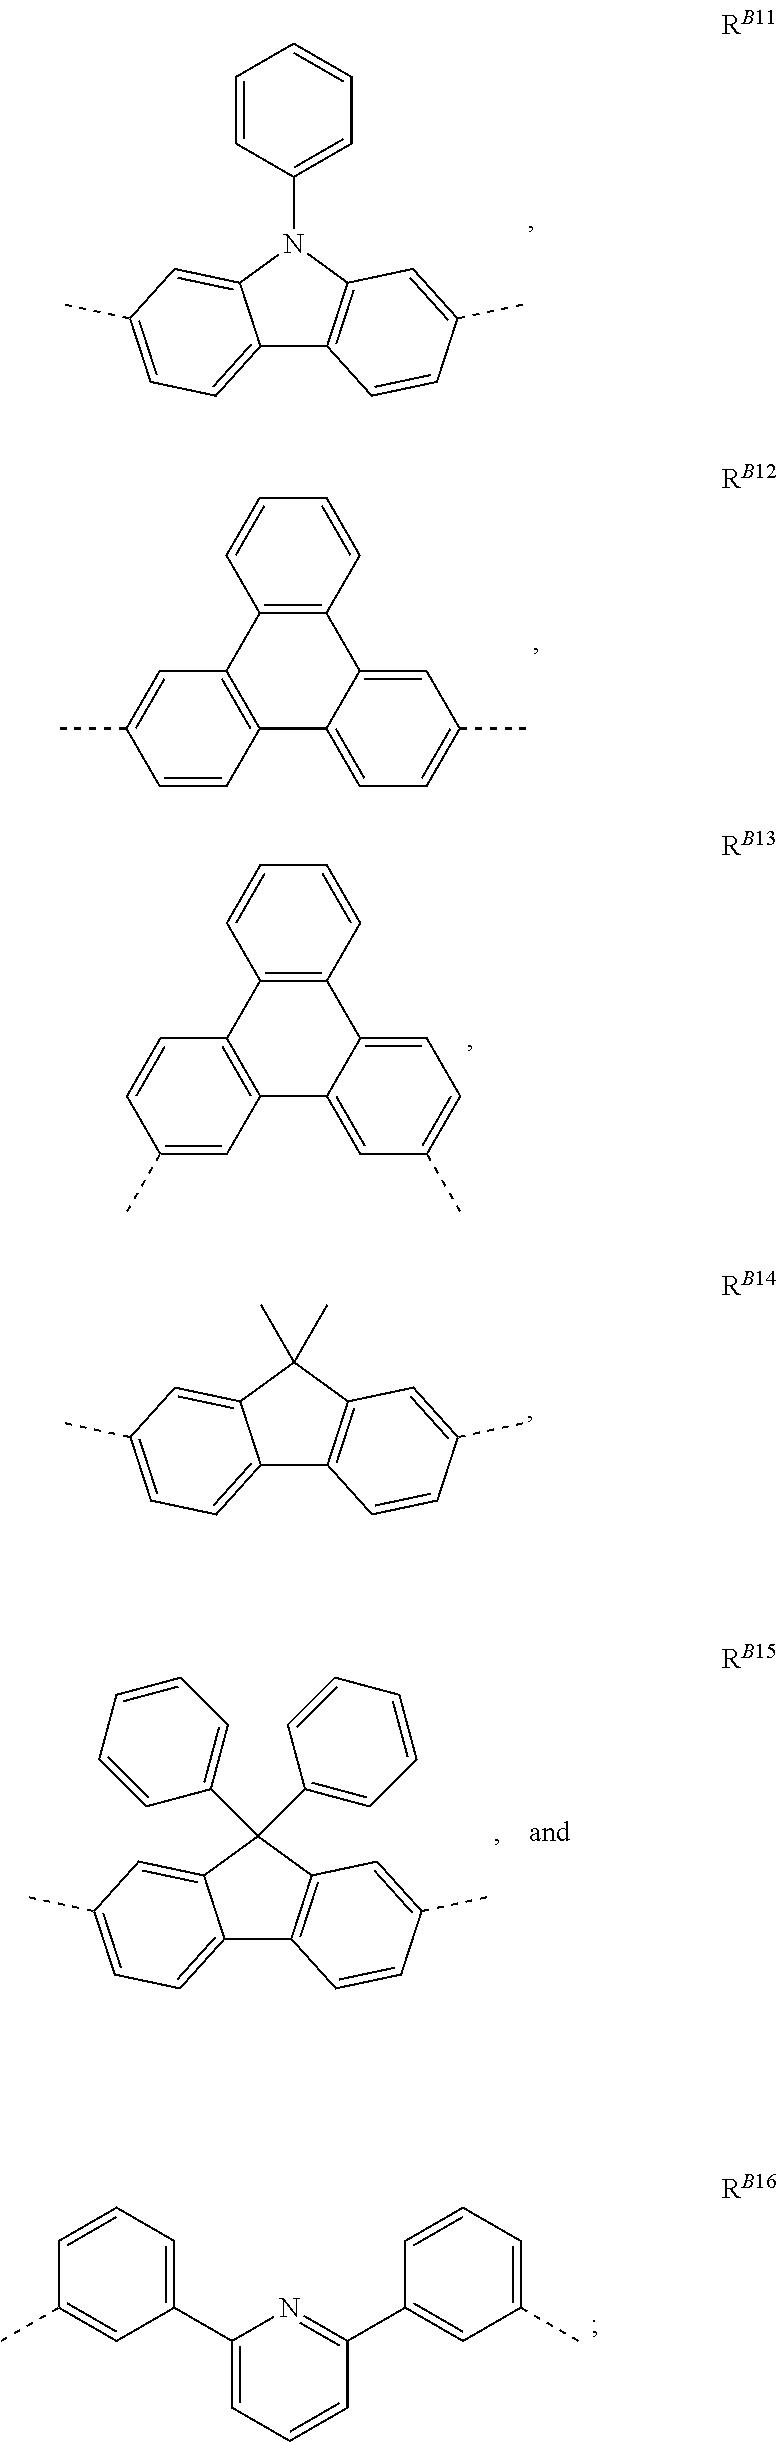 Figure US09761814-20170912-C00259